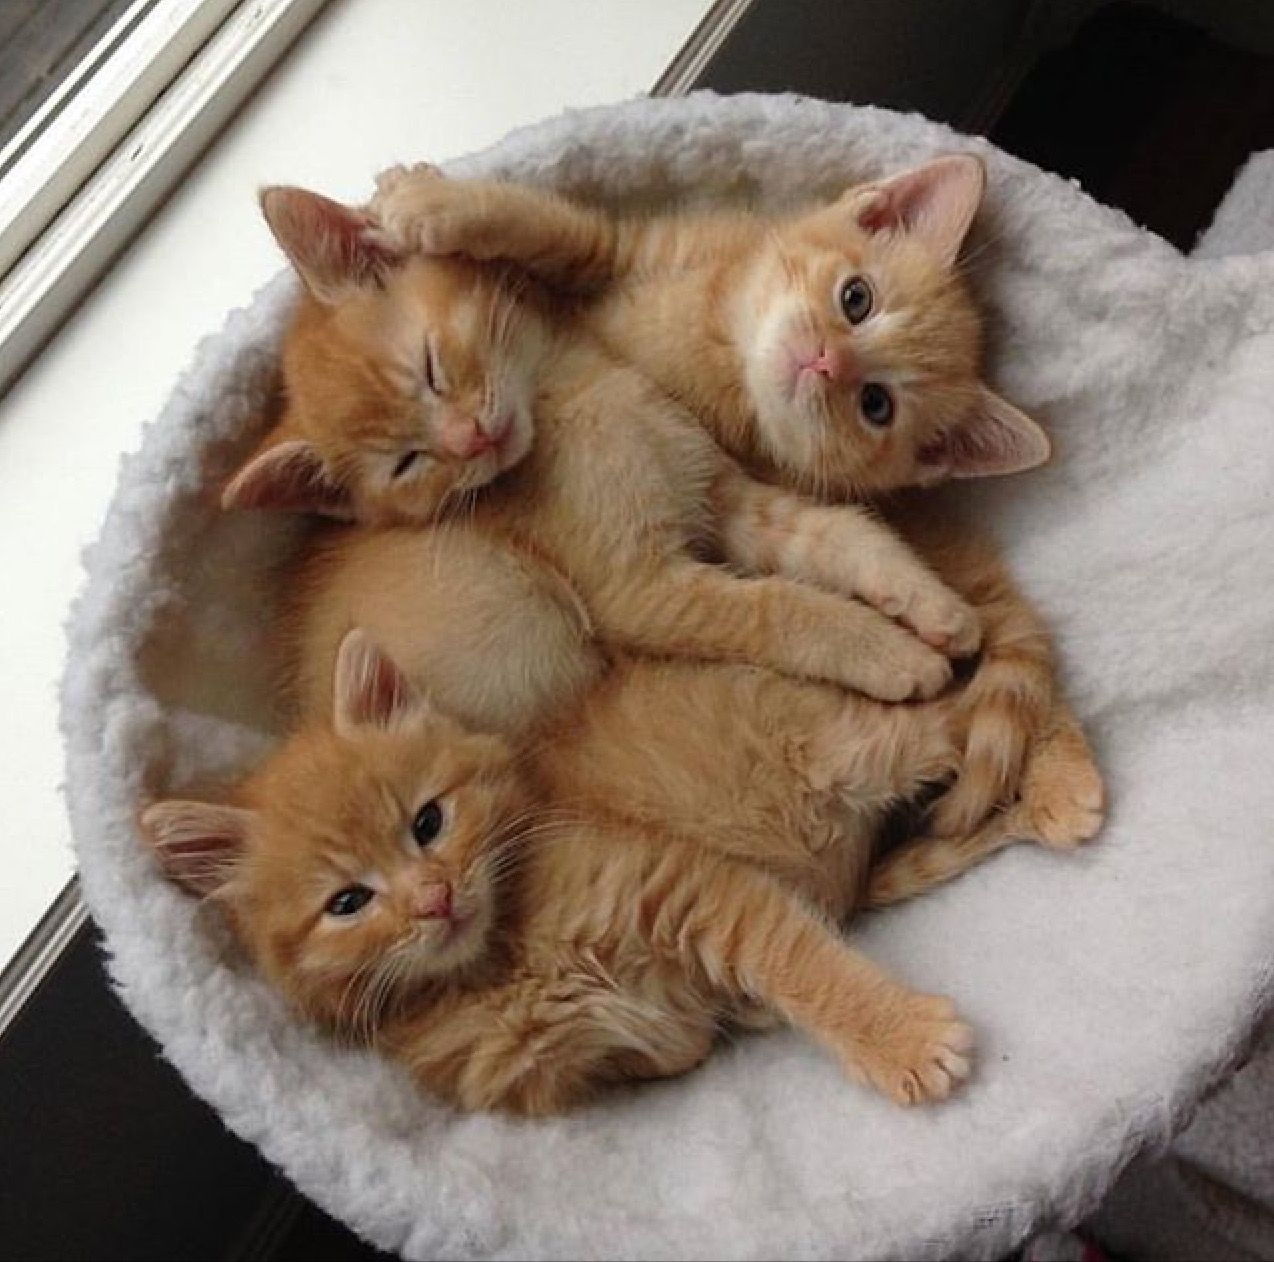 D Awwwwwwwww 3 3 Kittens Cutest Cute Cats Cute Baby Animals